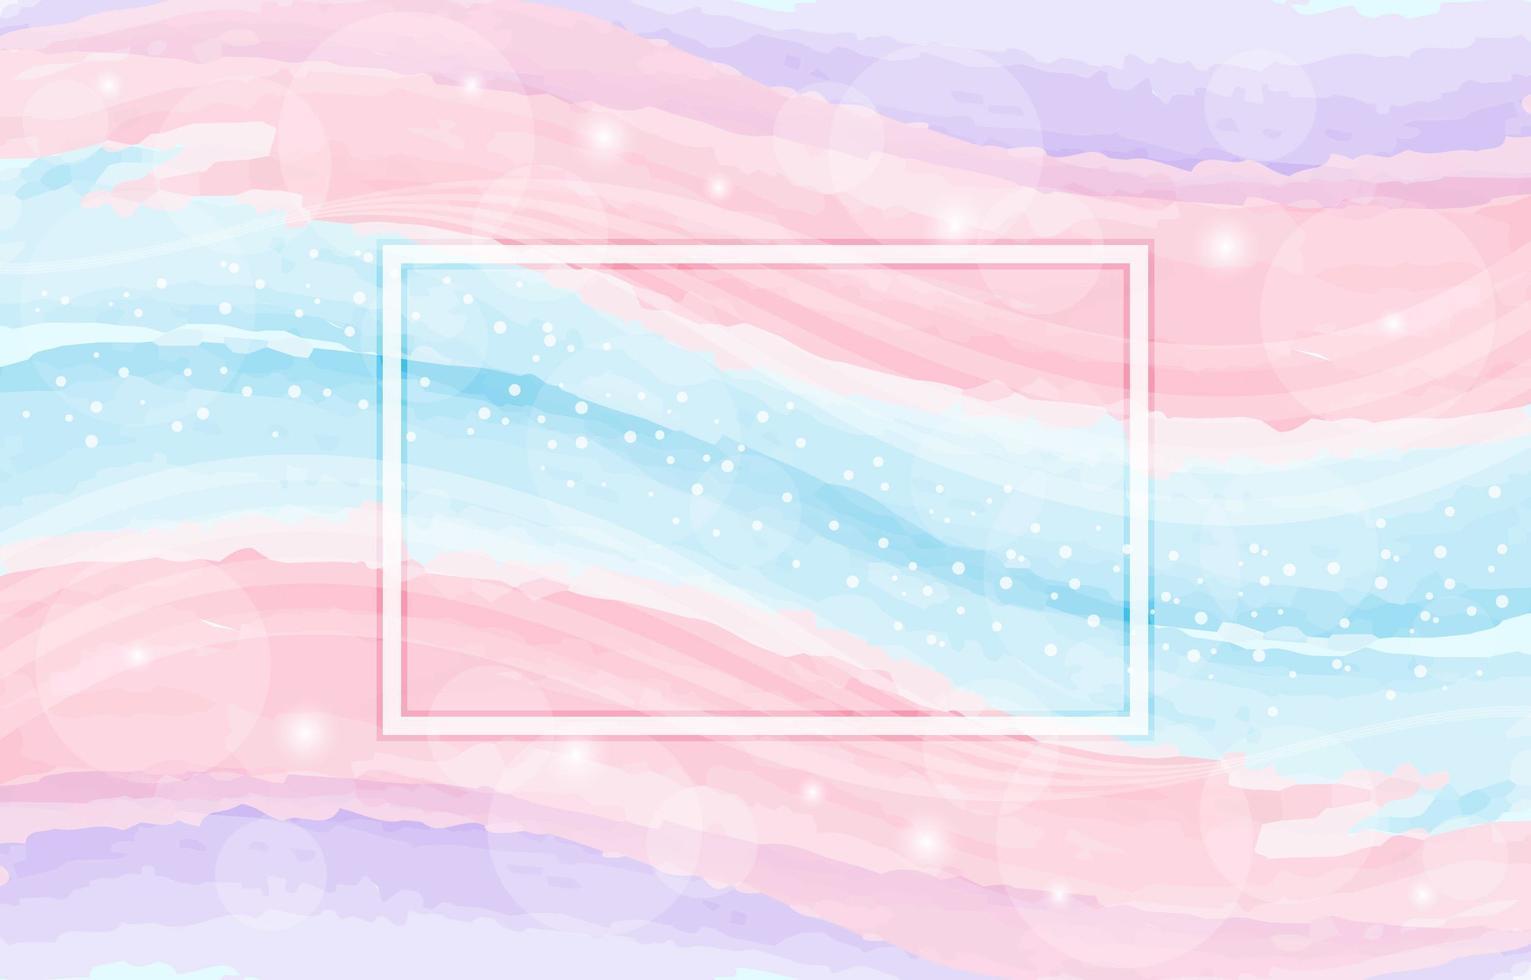 Pastel Watercolour Wave Composition vector